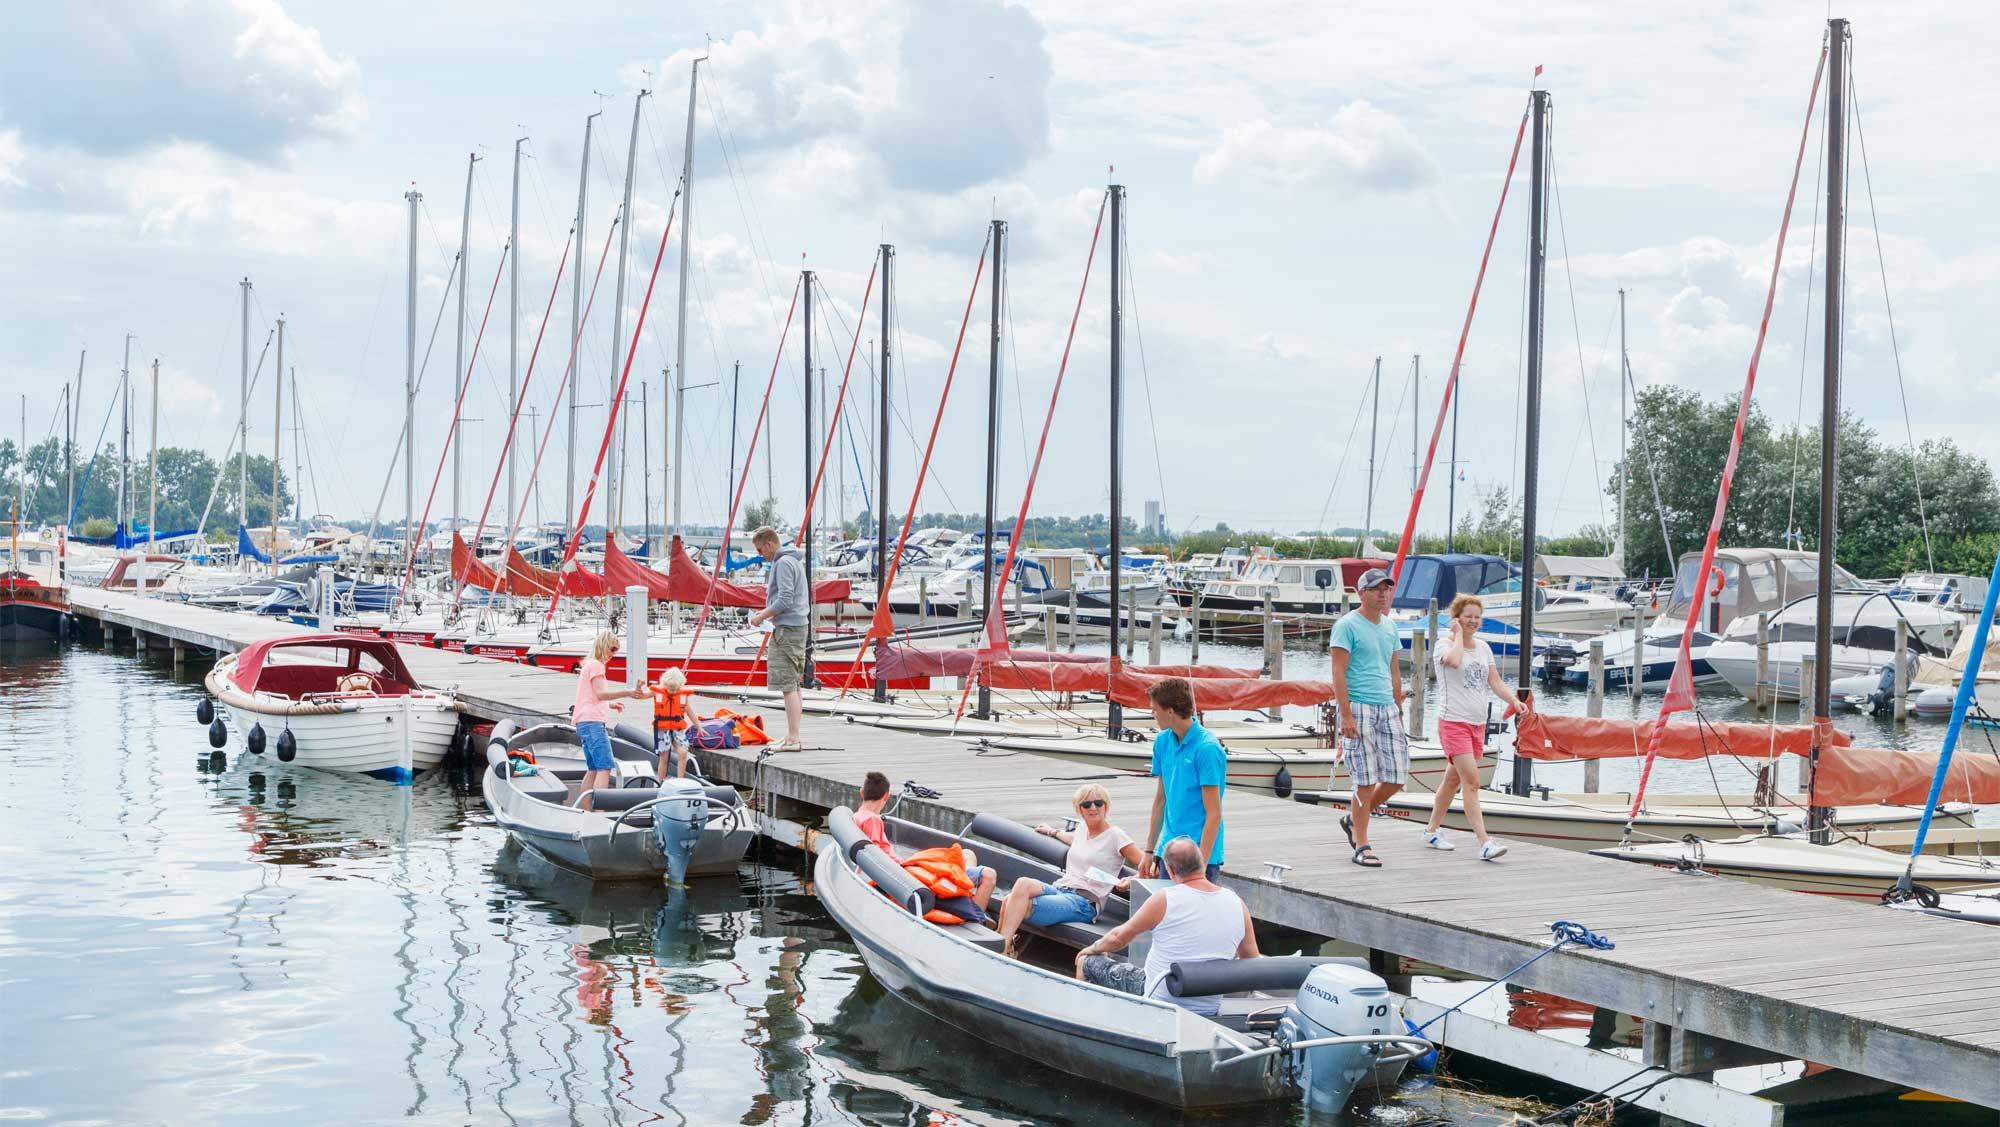 Zeilschool De Randmeren Molecaten Park Flevostrand 08 zeilboot verhuur